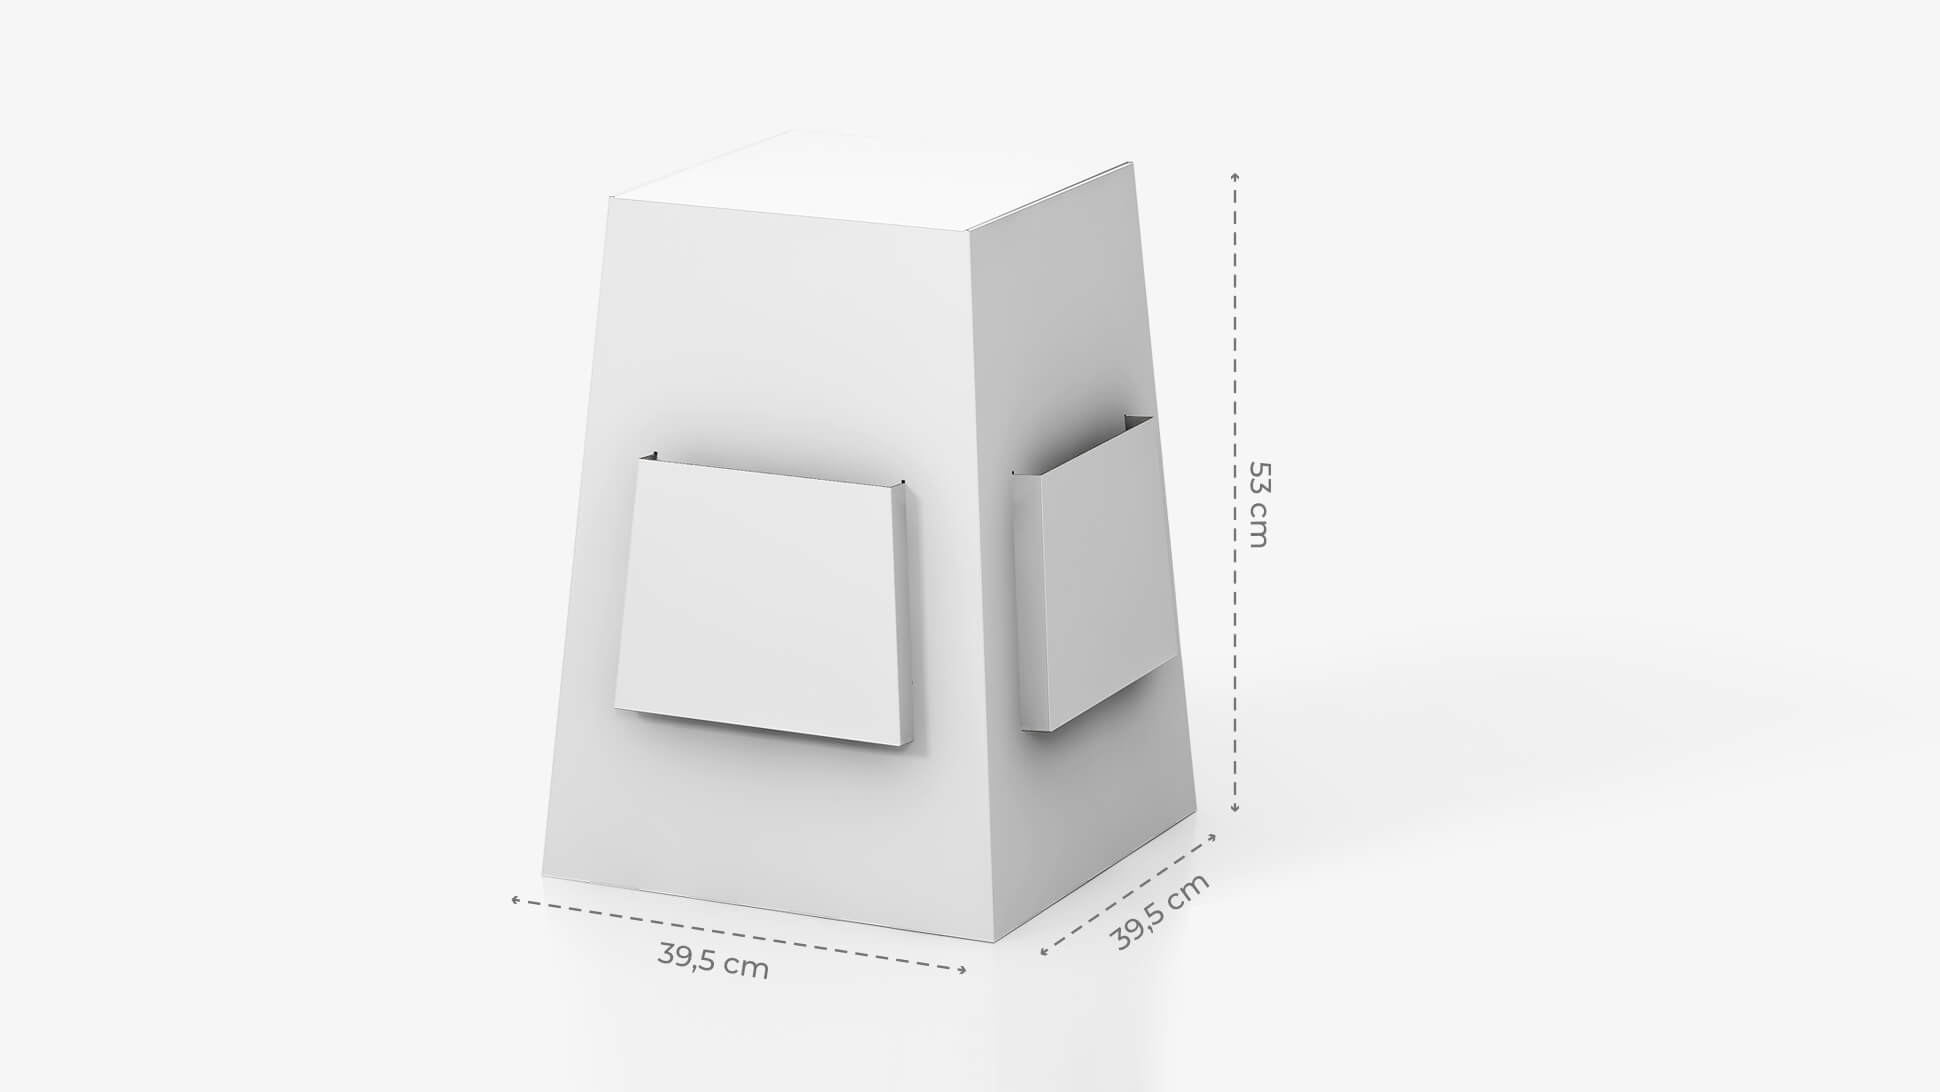 Espositore portavolantini da banco 20x40 cm personalizzabile | tictac.it